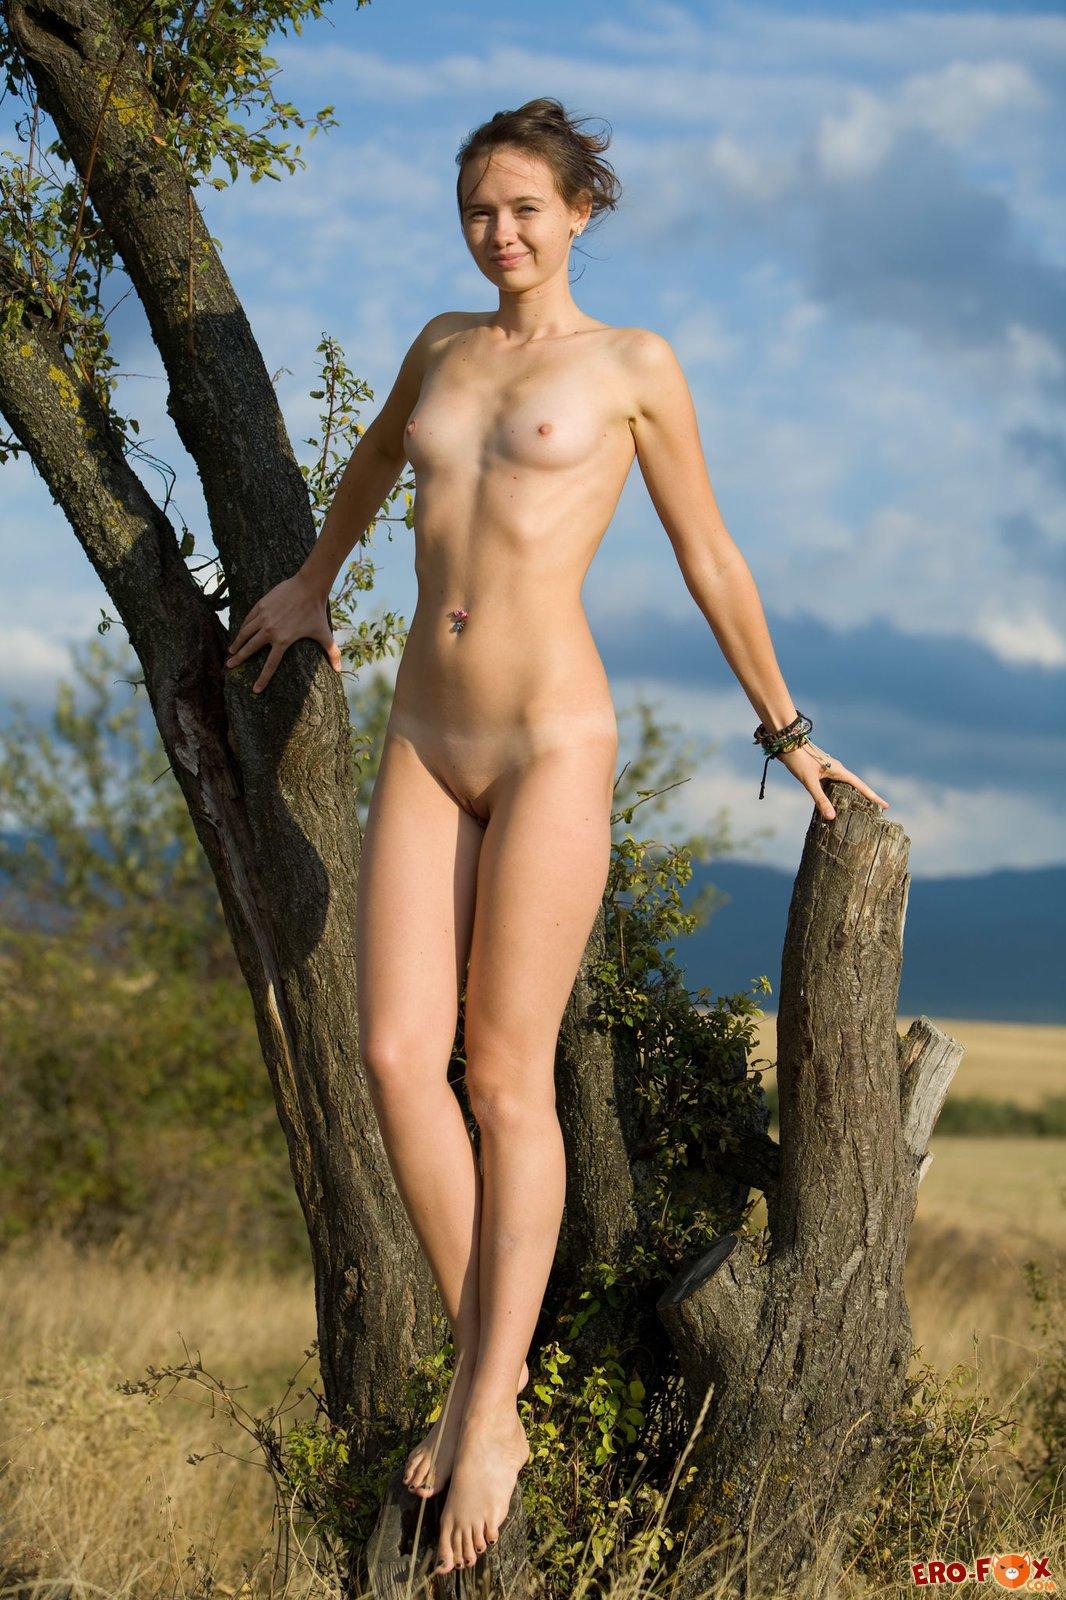 Худая голая девушка на природе